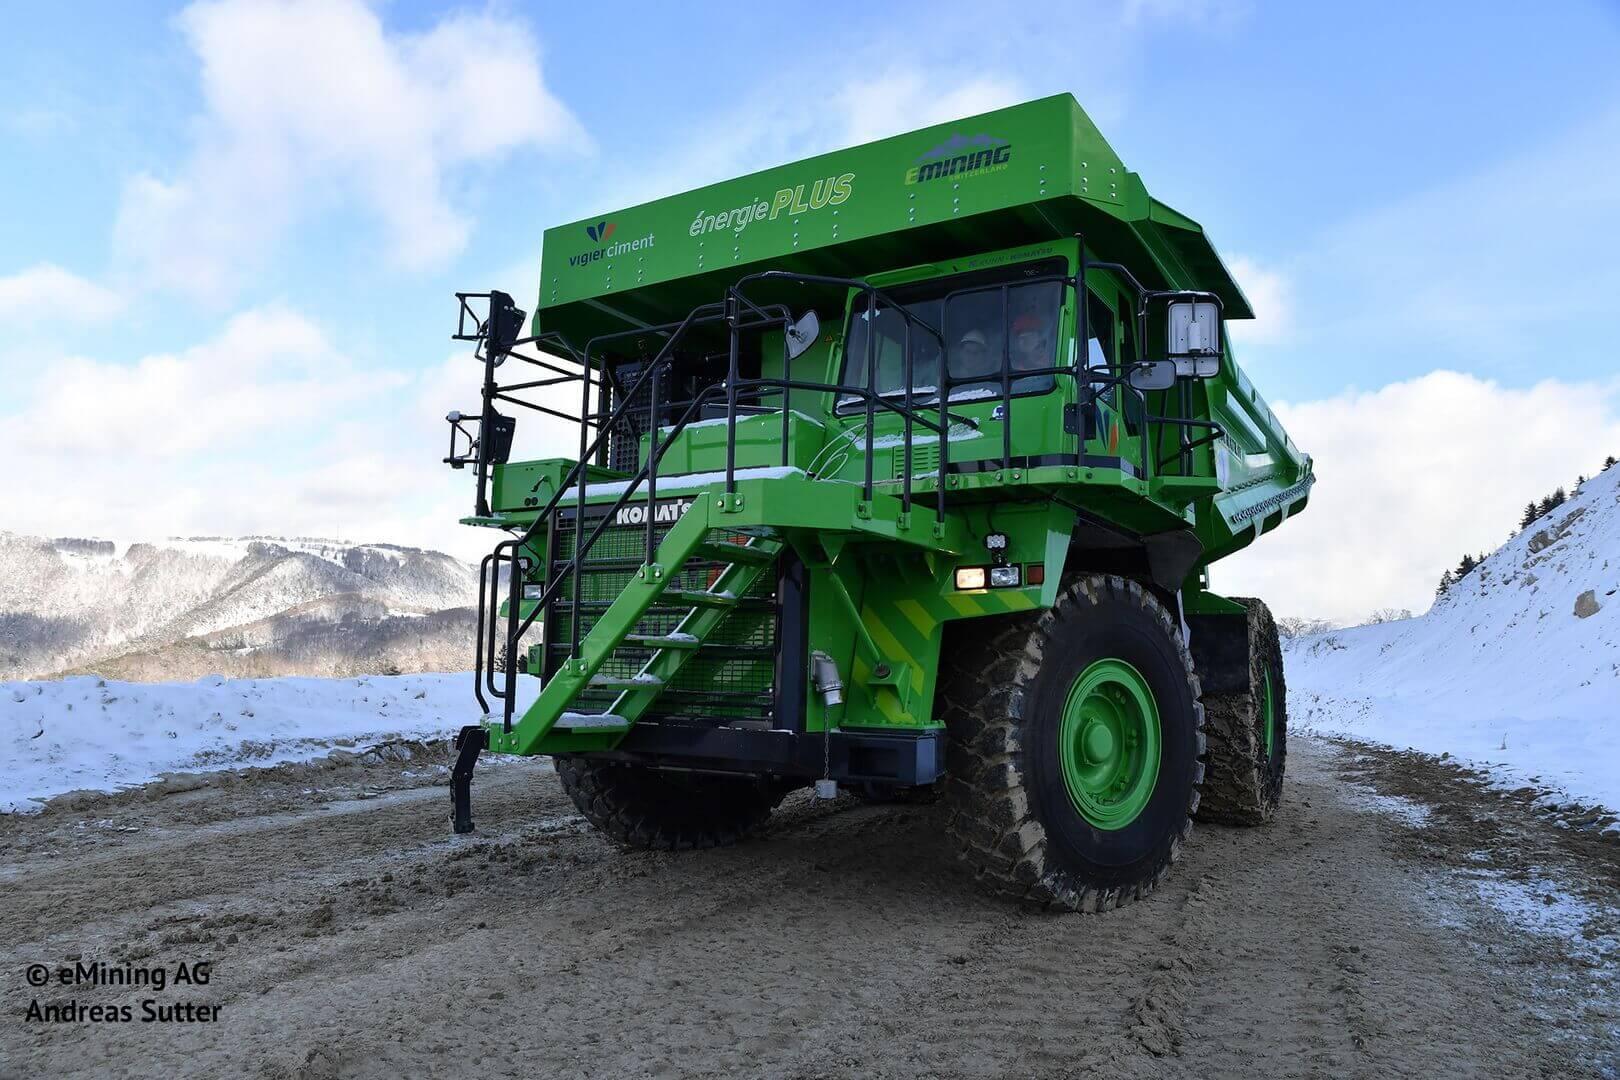 Самый большой электрокар в мире способен перевозить 65 тонн груза